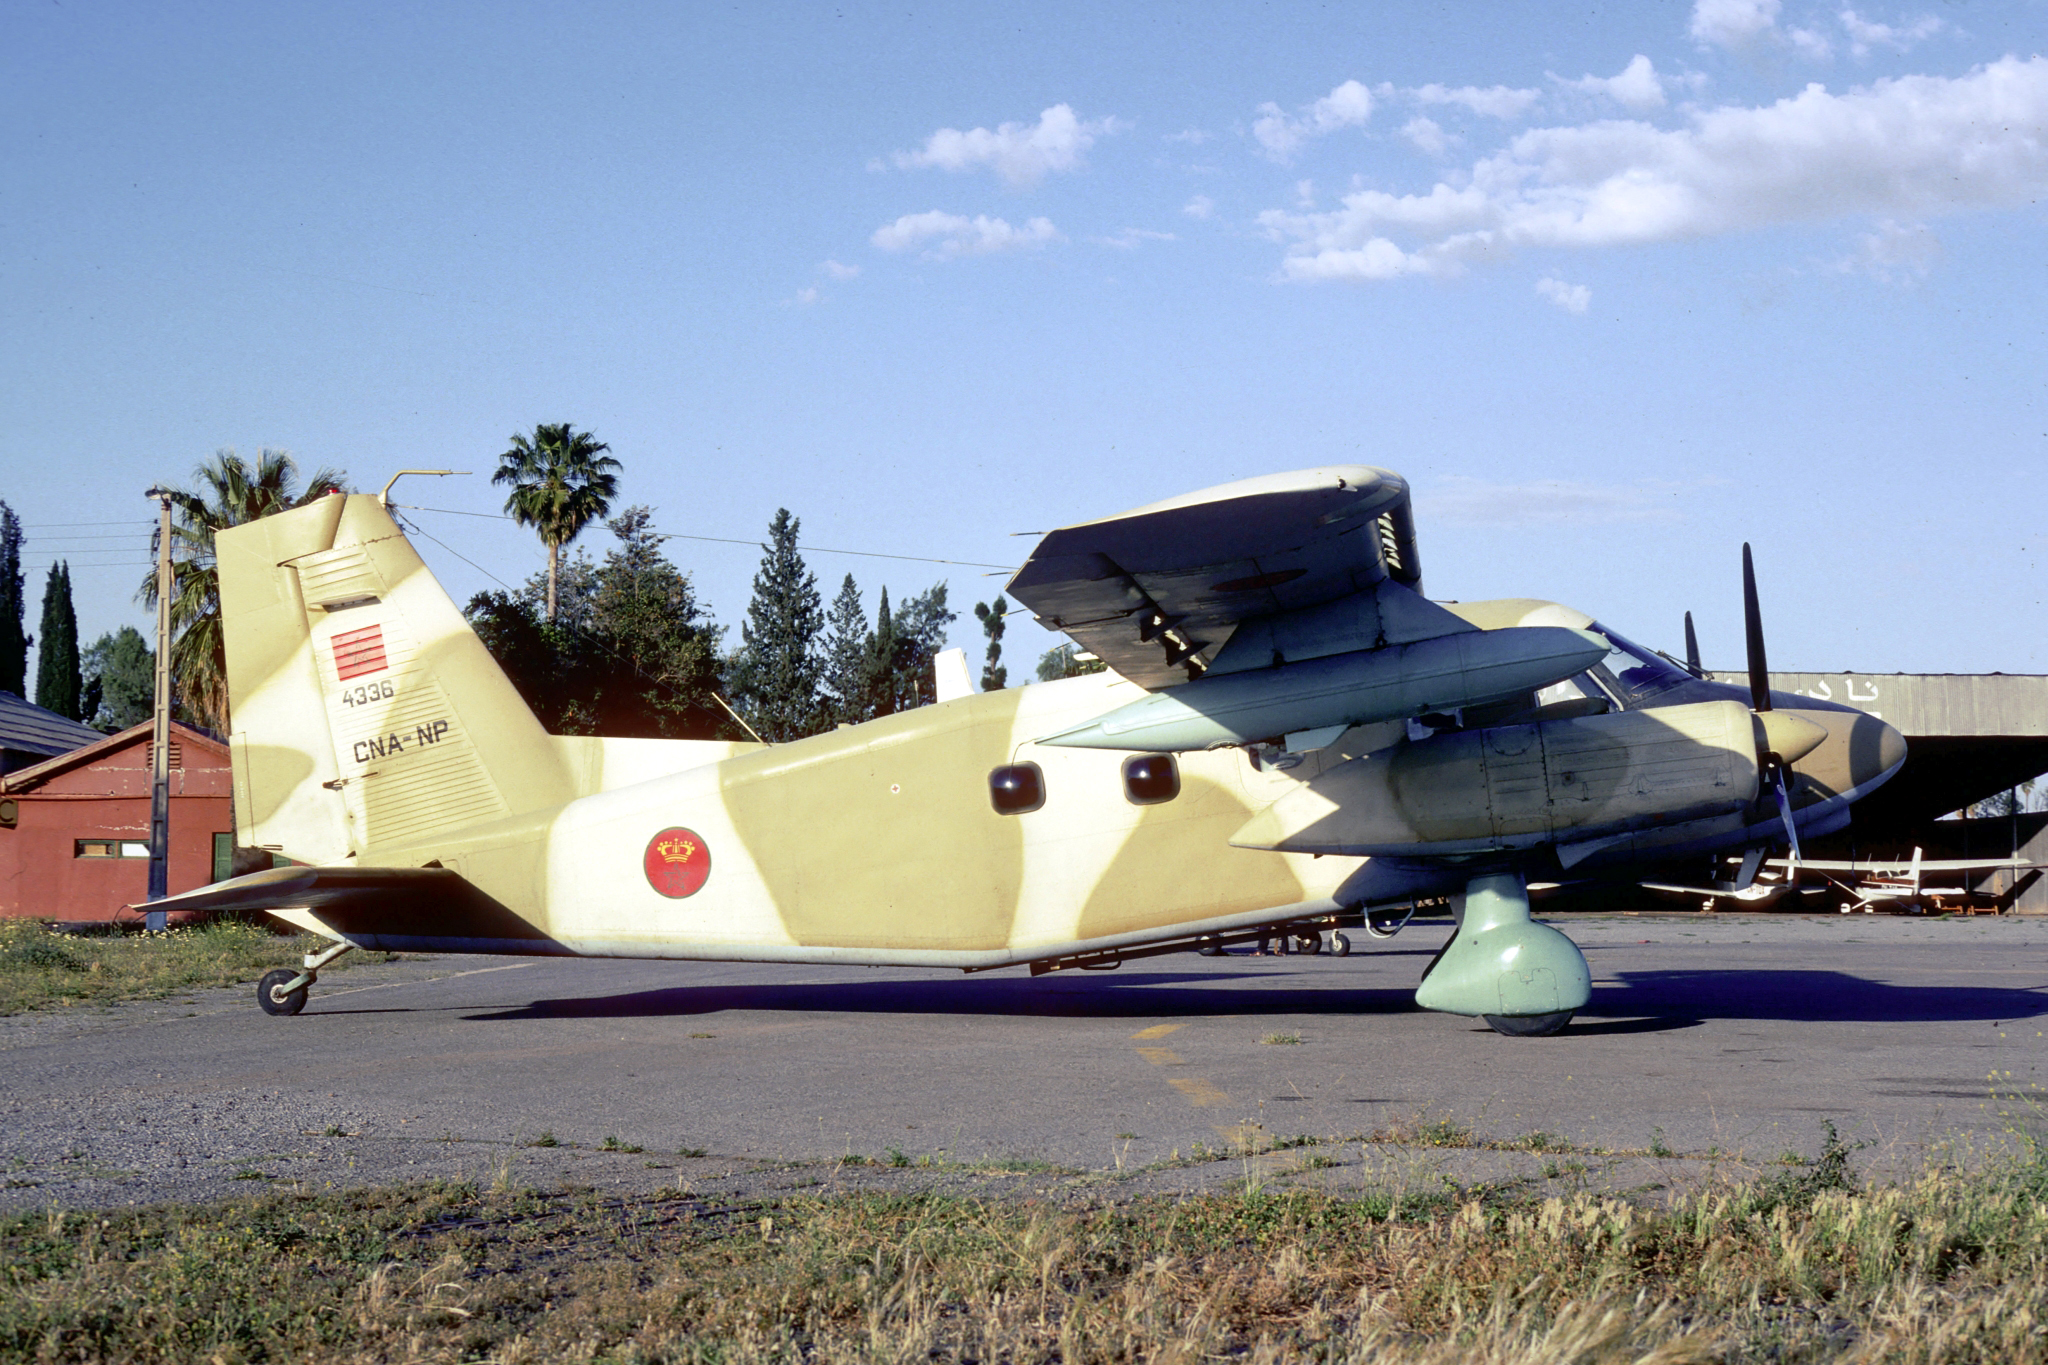 FRA: Photos anciens avions des FRA - Page 12 47108895802_cb55fef7e9_o